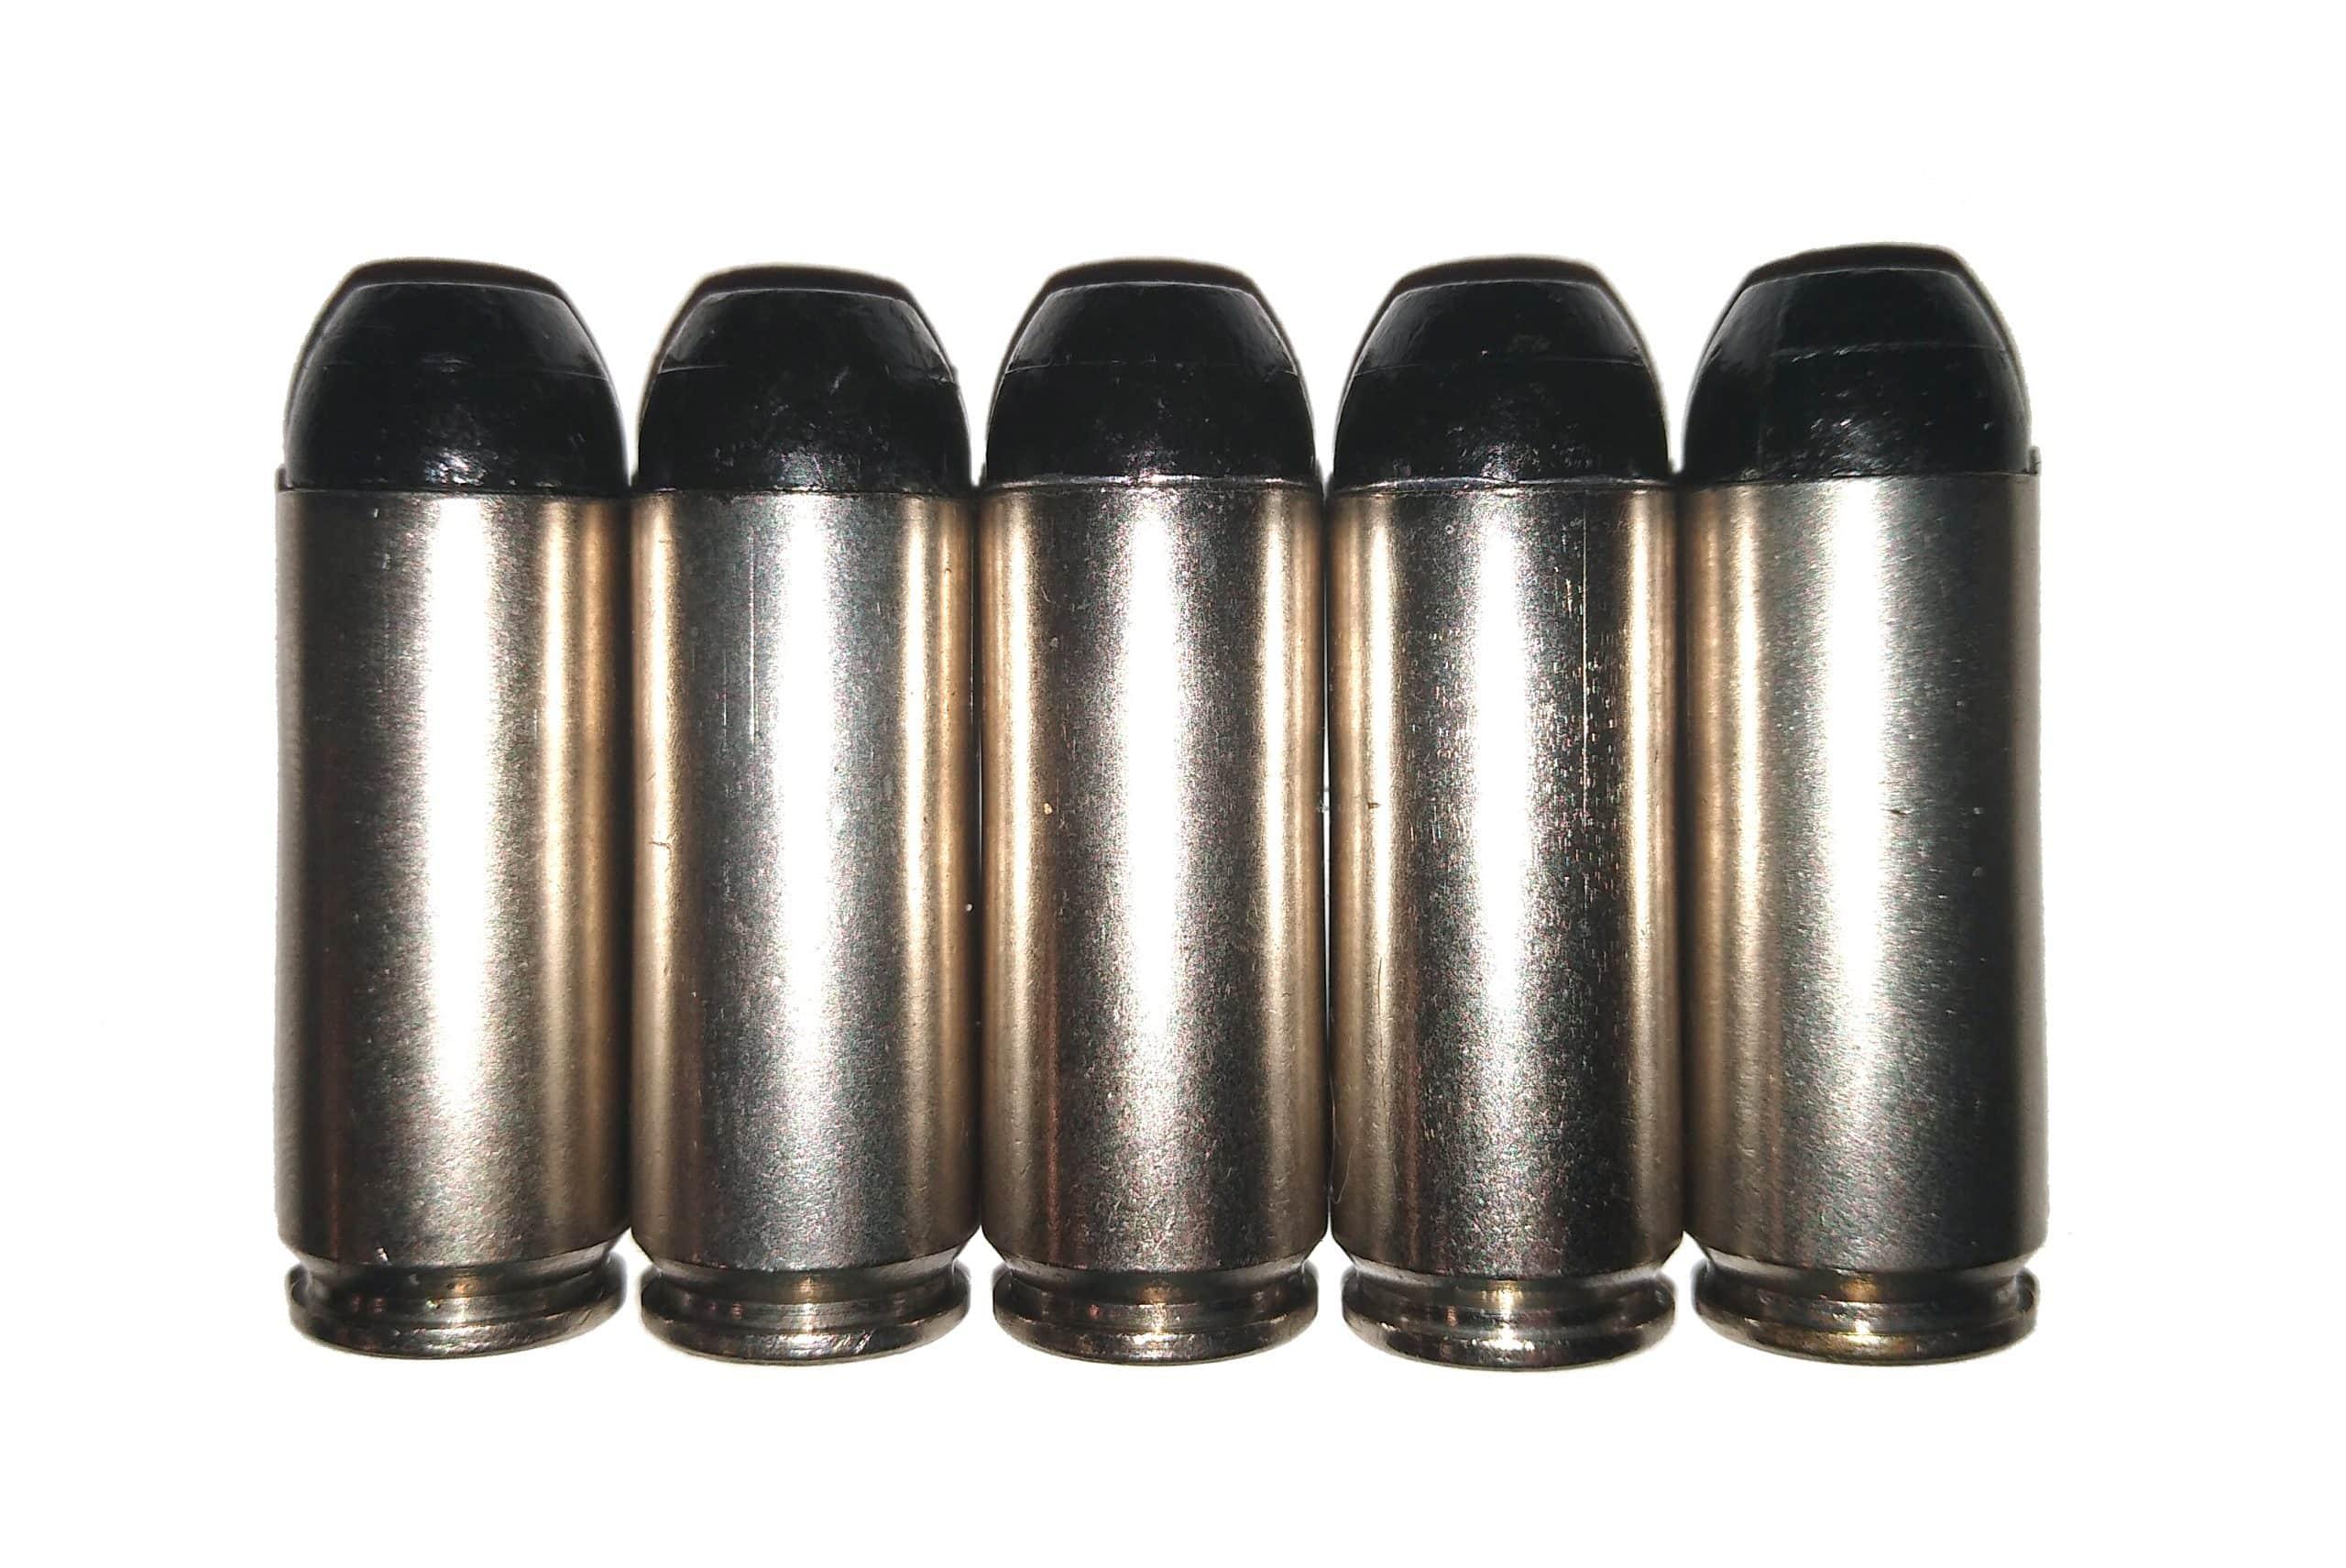 50 AE Nickel